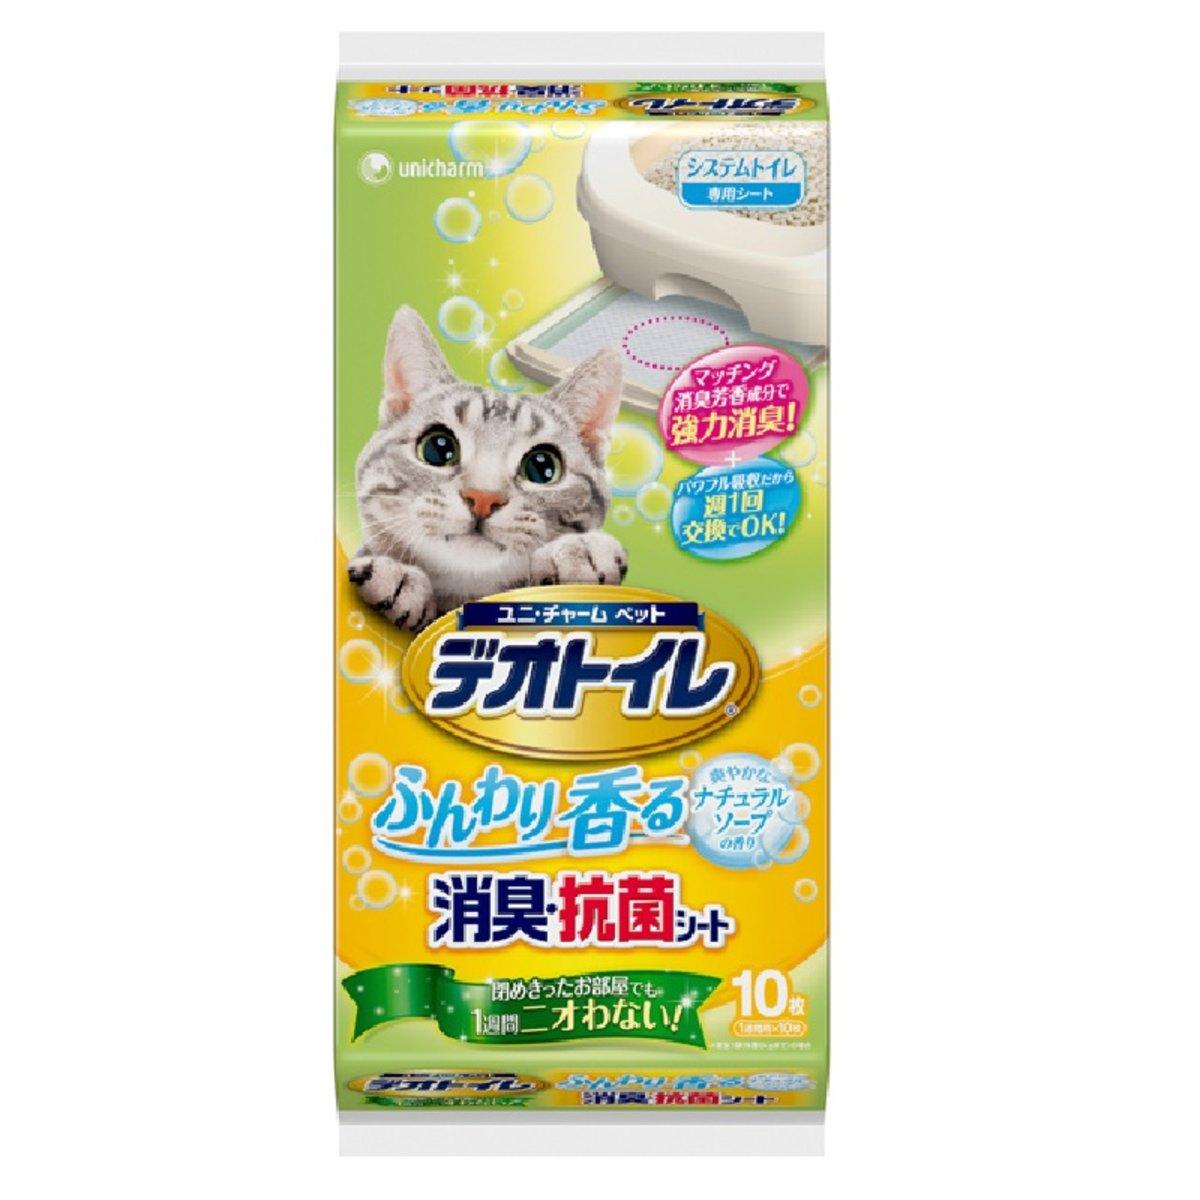 Unicharm尤妮佳 強力消臭抗菌貓尿墊(黃) #皂香 *雙層貓砂盆專用* 10片  (平行進口)